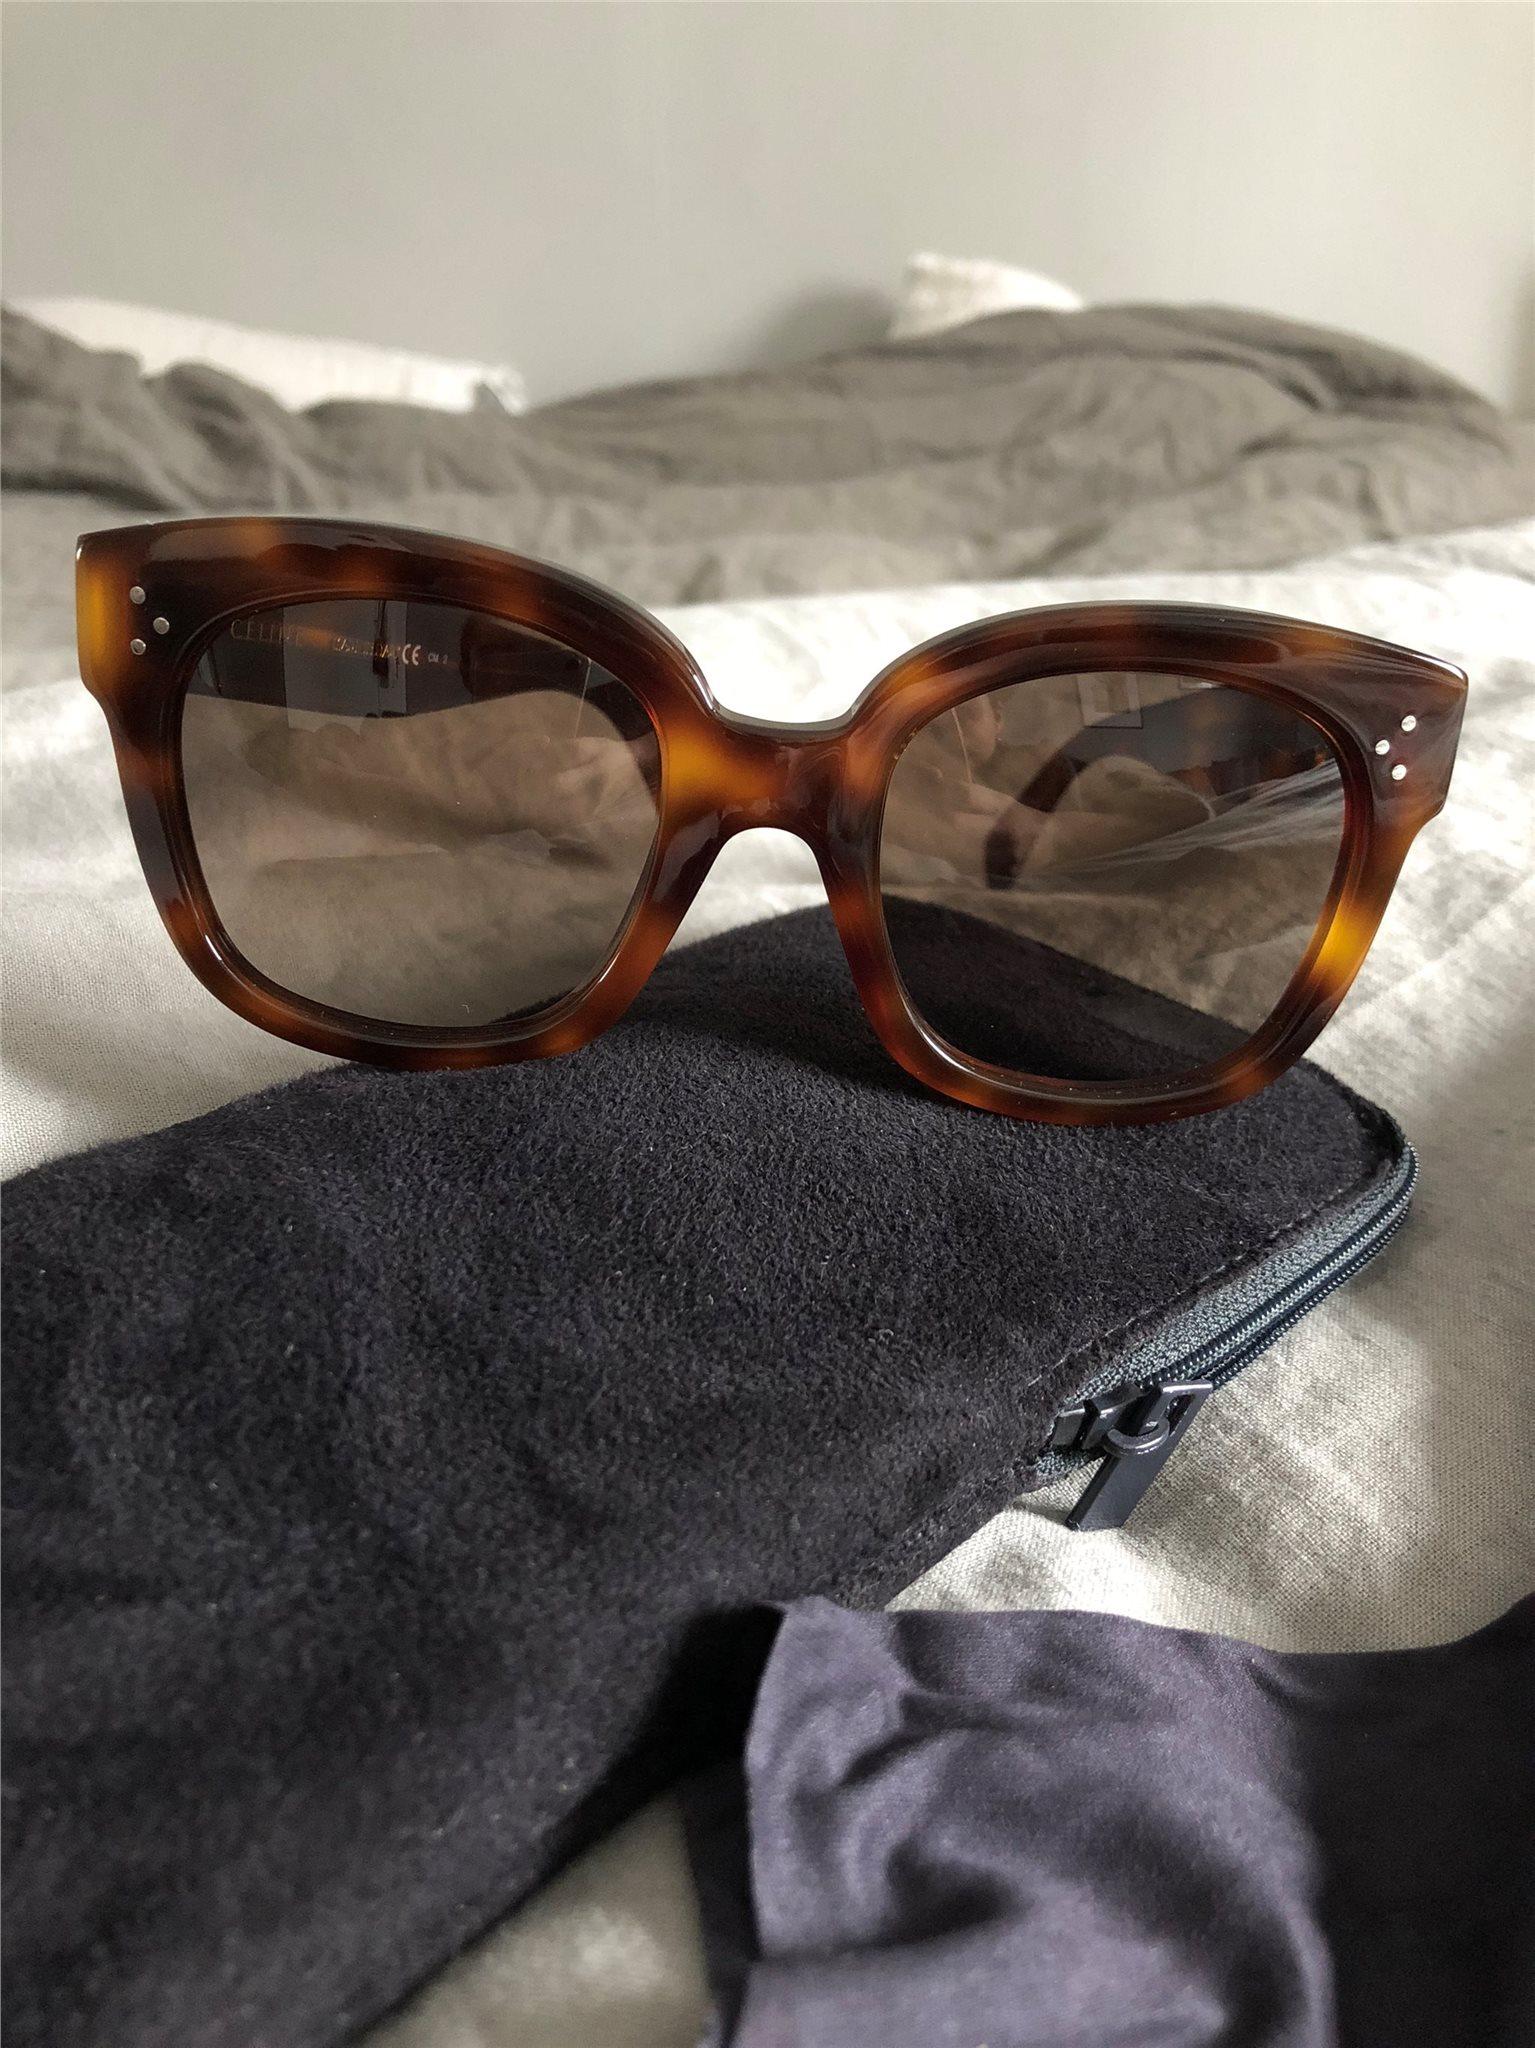 280c8f2ed2b Celine solglasögon New Audrey (338110832) ᐈ Köp på Tradera